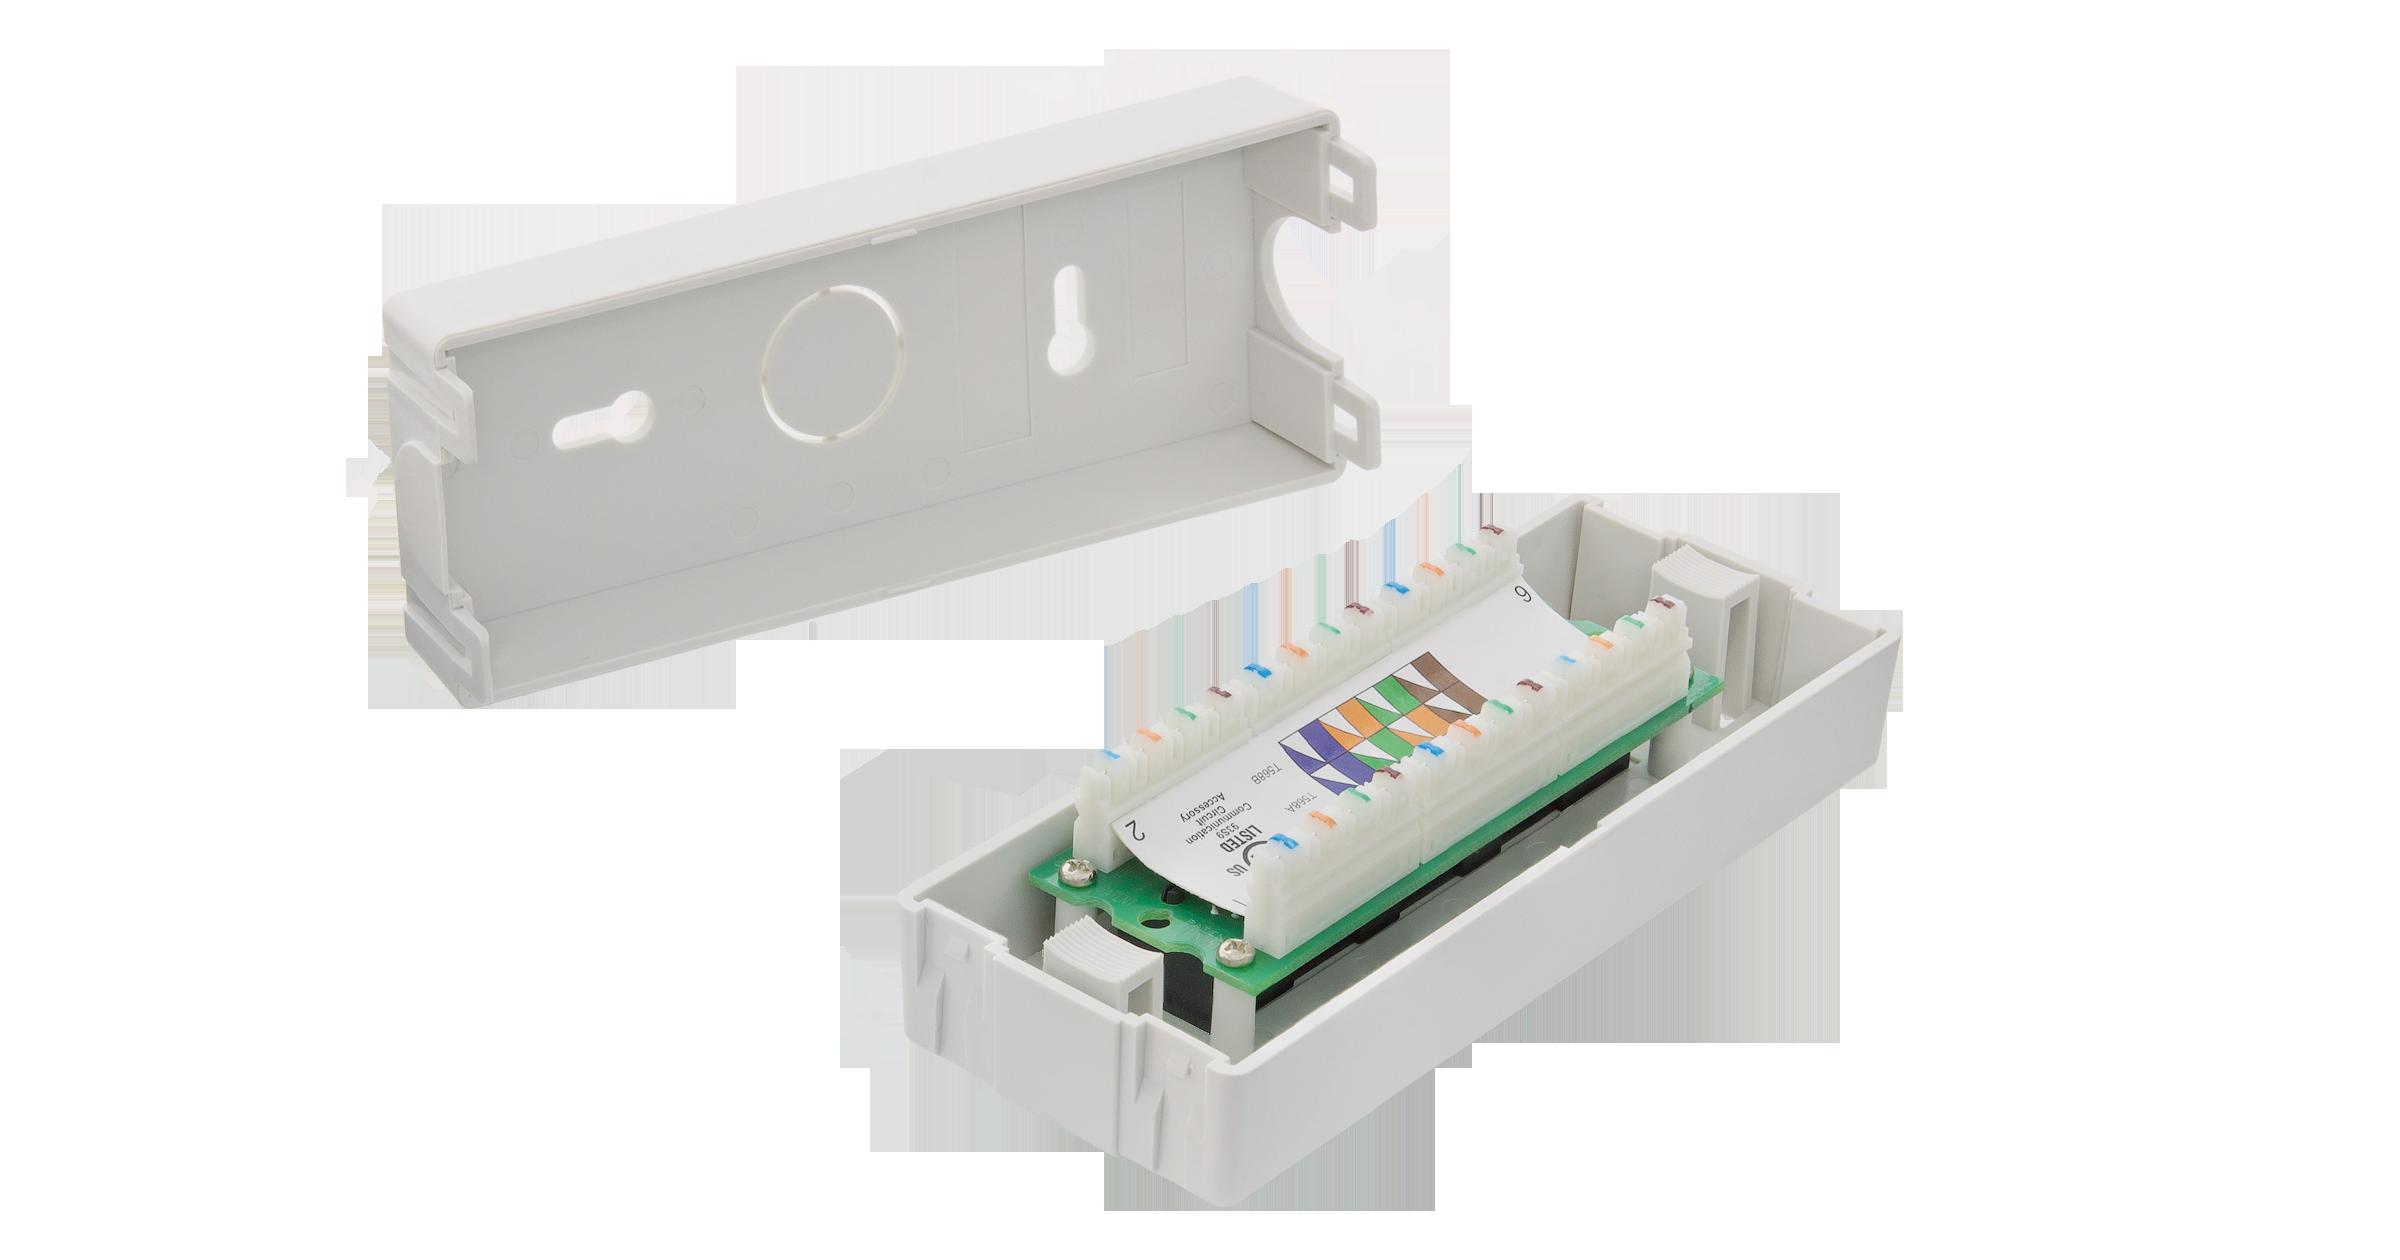 Коммутационная панель NIKOMAX настенная, 6 портов, Кат.6 (Класс E), 250МГц, RJ45/8P8C, 110, T568A/B, неэкранированная, светло-серая - гарантия: 5 лет расширенная / 25 лет системная